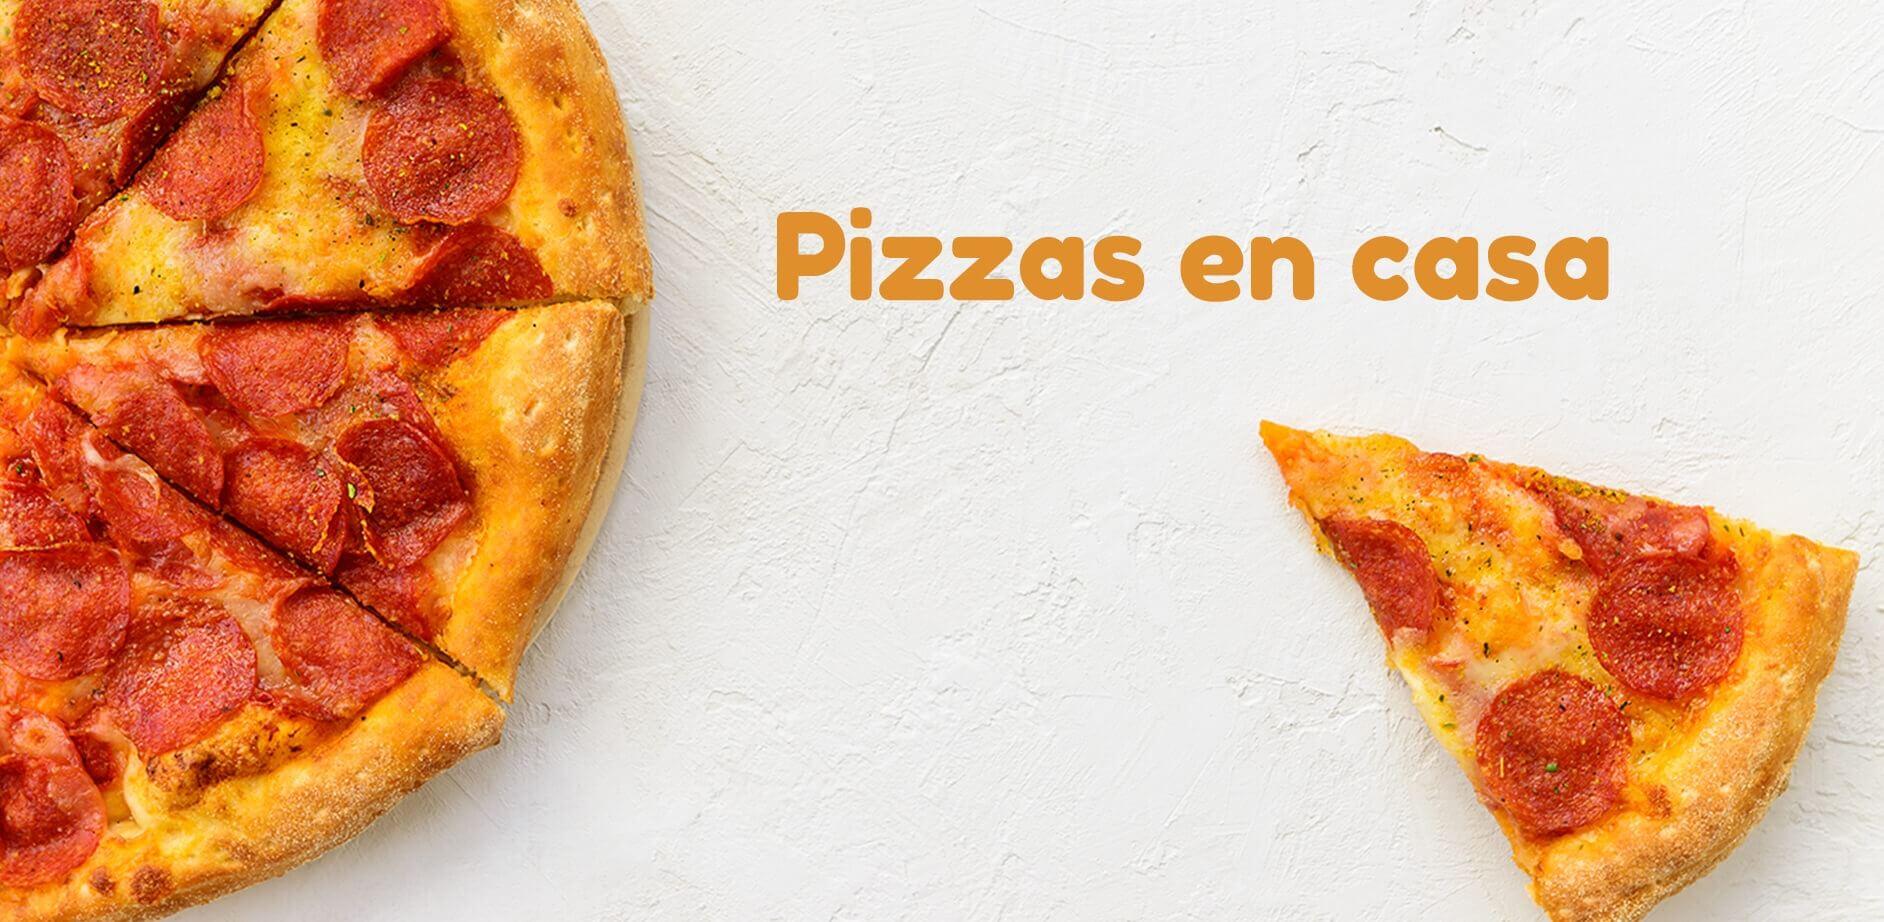 Preparemos Pizzas en casa